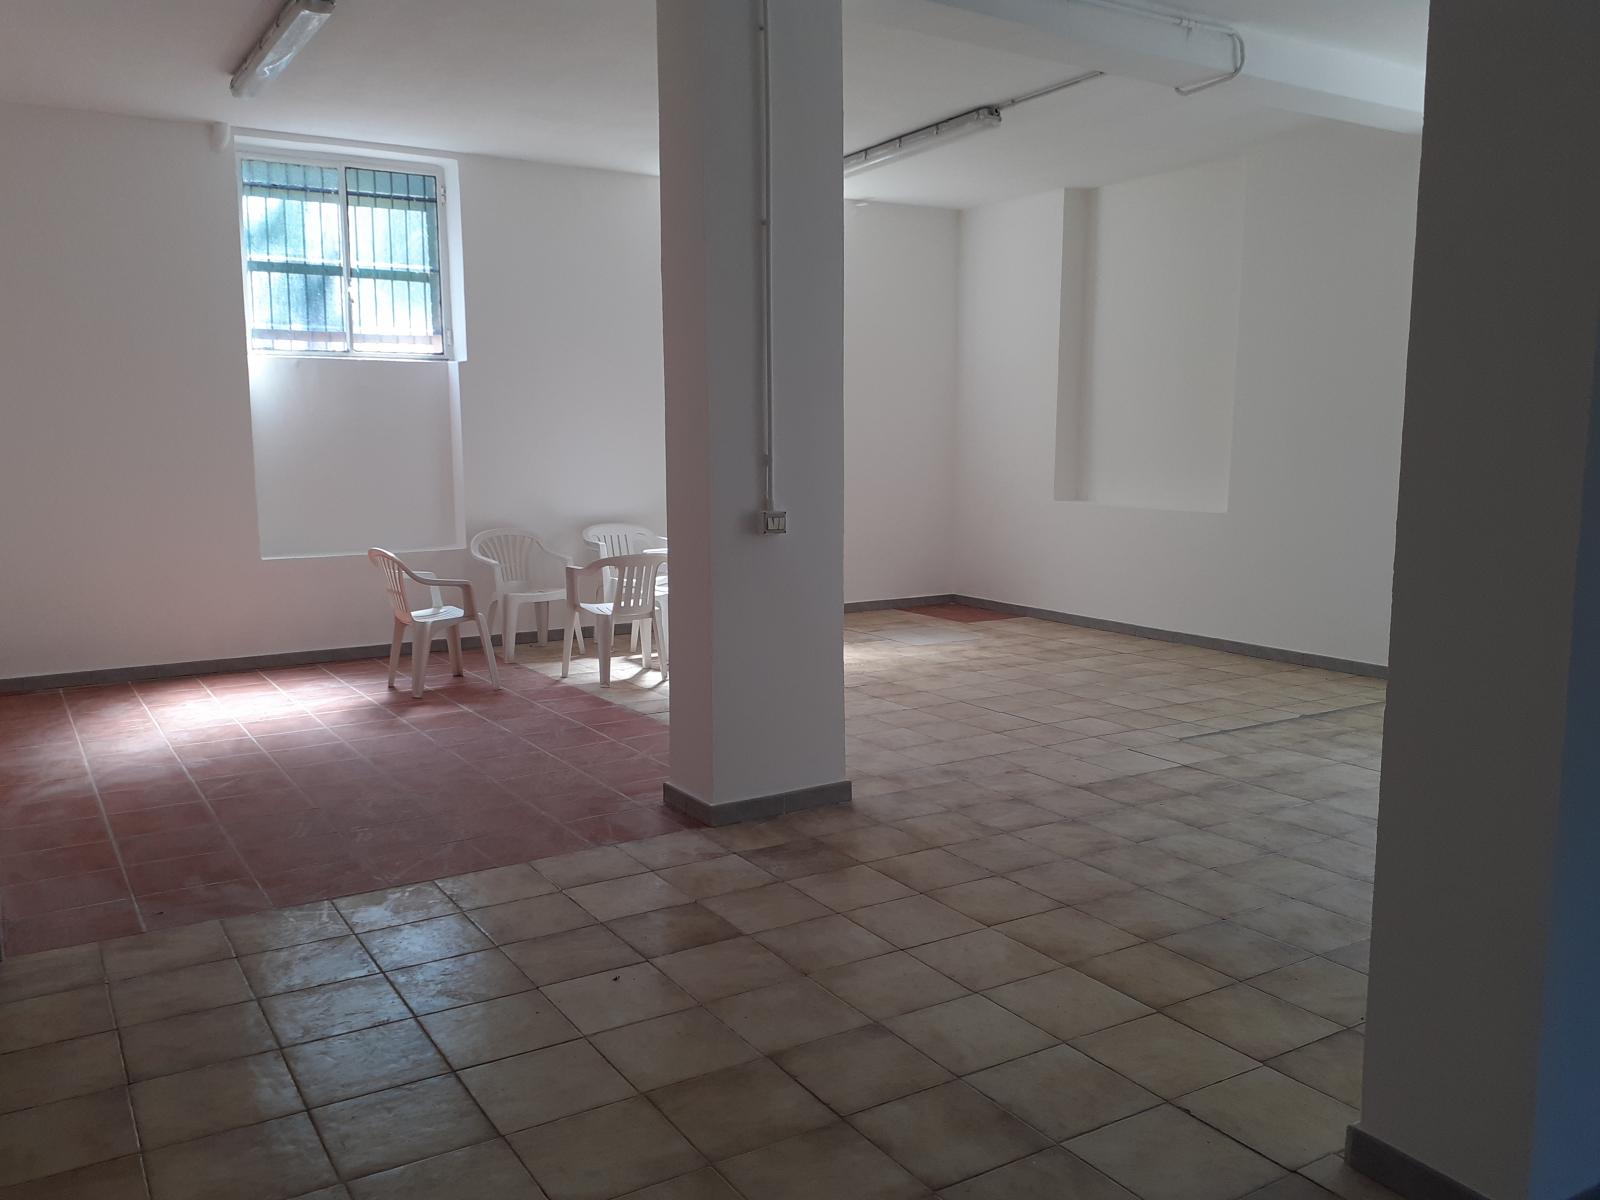 laboratorio-magazzino-in-vendita-affitto-a-baggio-milano-spaziourbano-immobiliare-vende-affitta-3